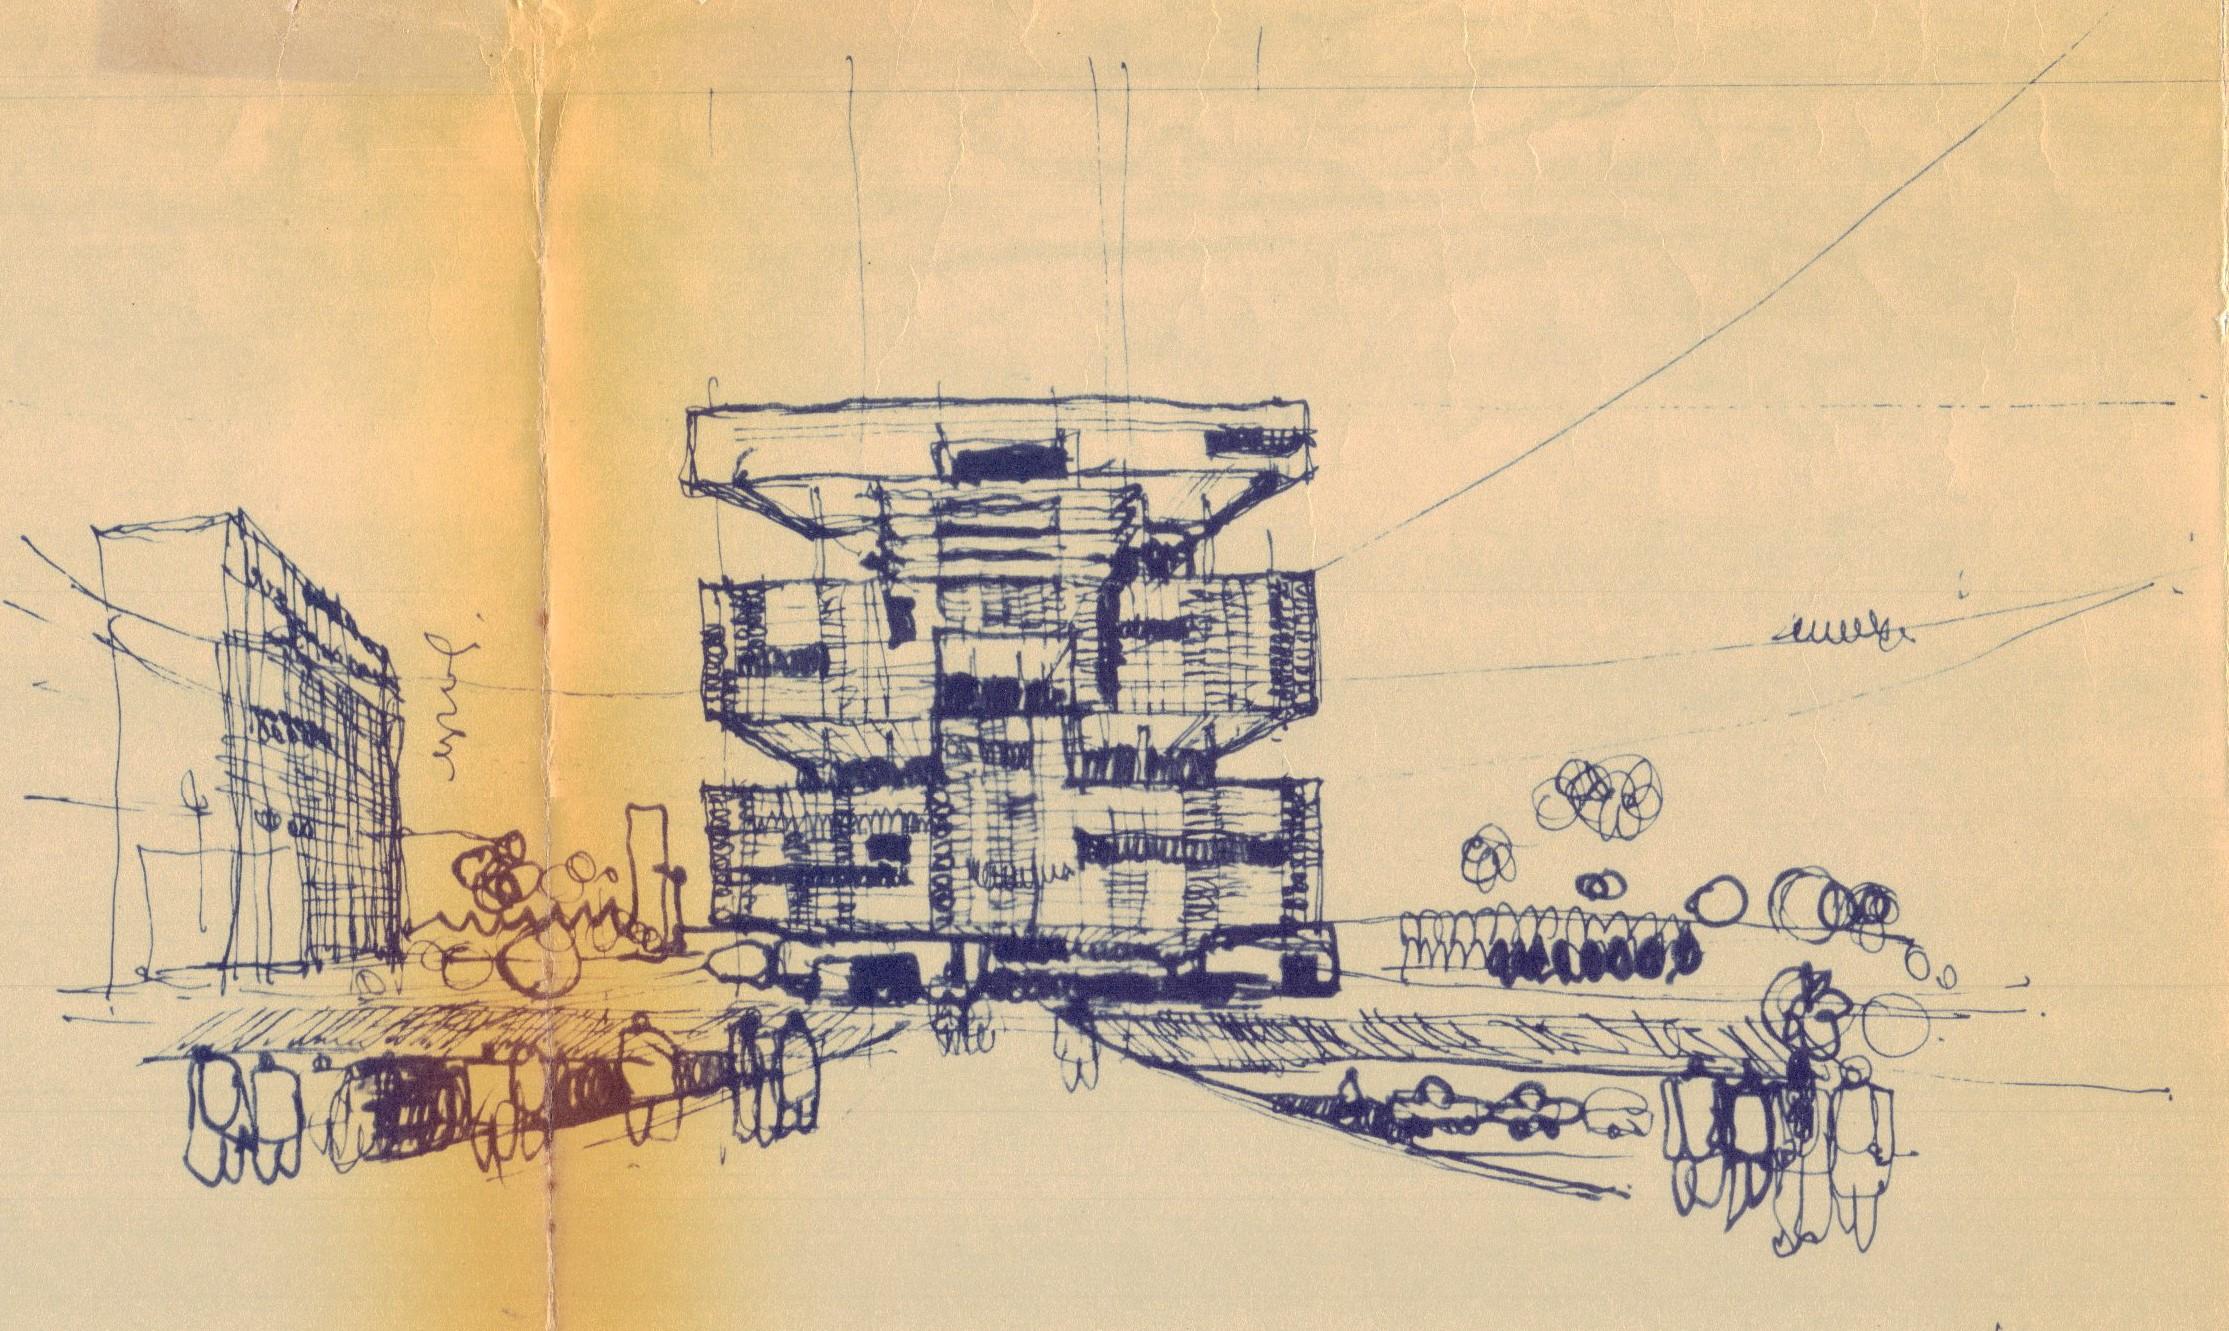 Desenho feito à mão da proposta do edifício para a Petrobras, de 1966.